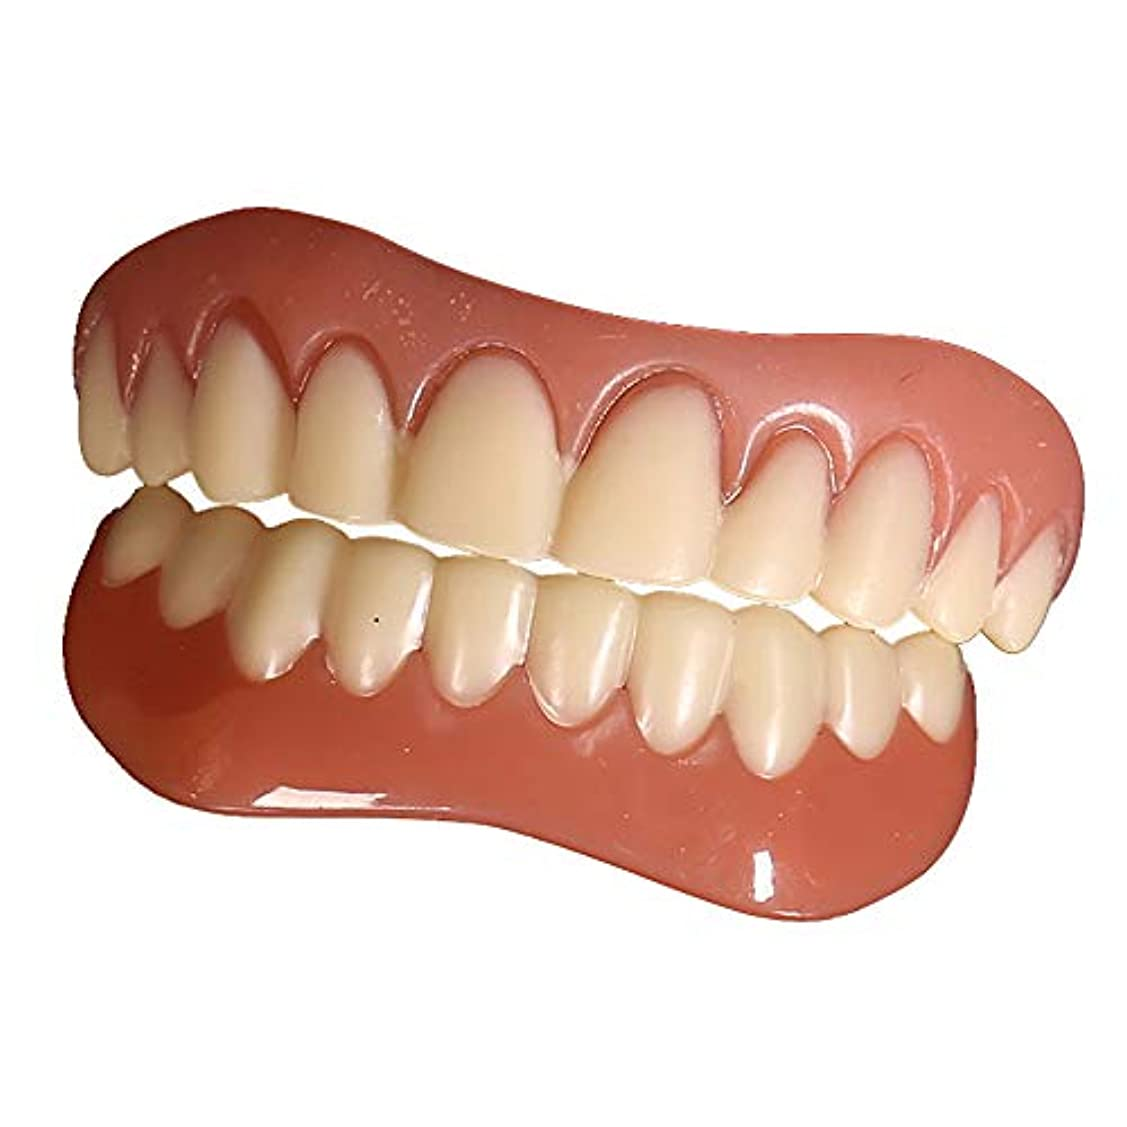 ウォルターカニンガムトレースリアルパーフェクトインスタントスマイルティースベニアインスタント美容義歯上下歯2個入り(フリーサイズ(中)